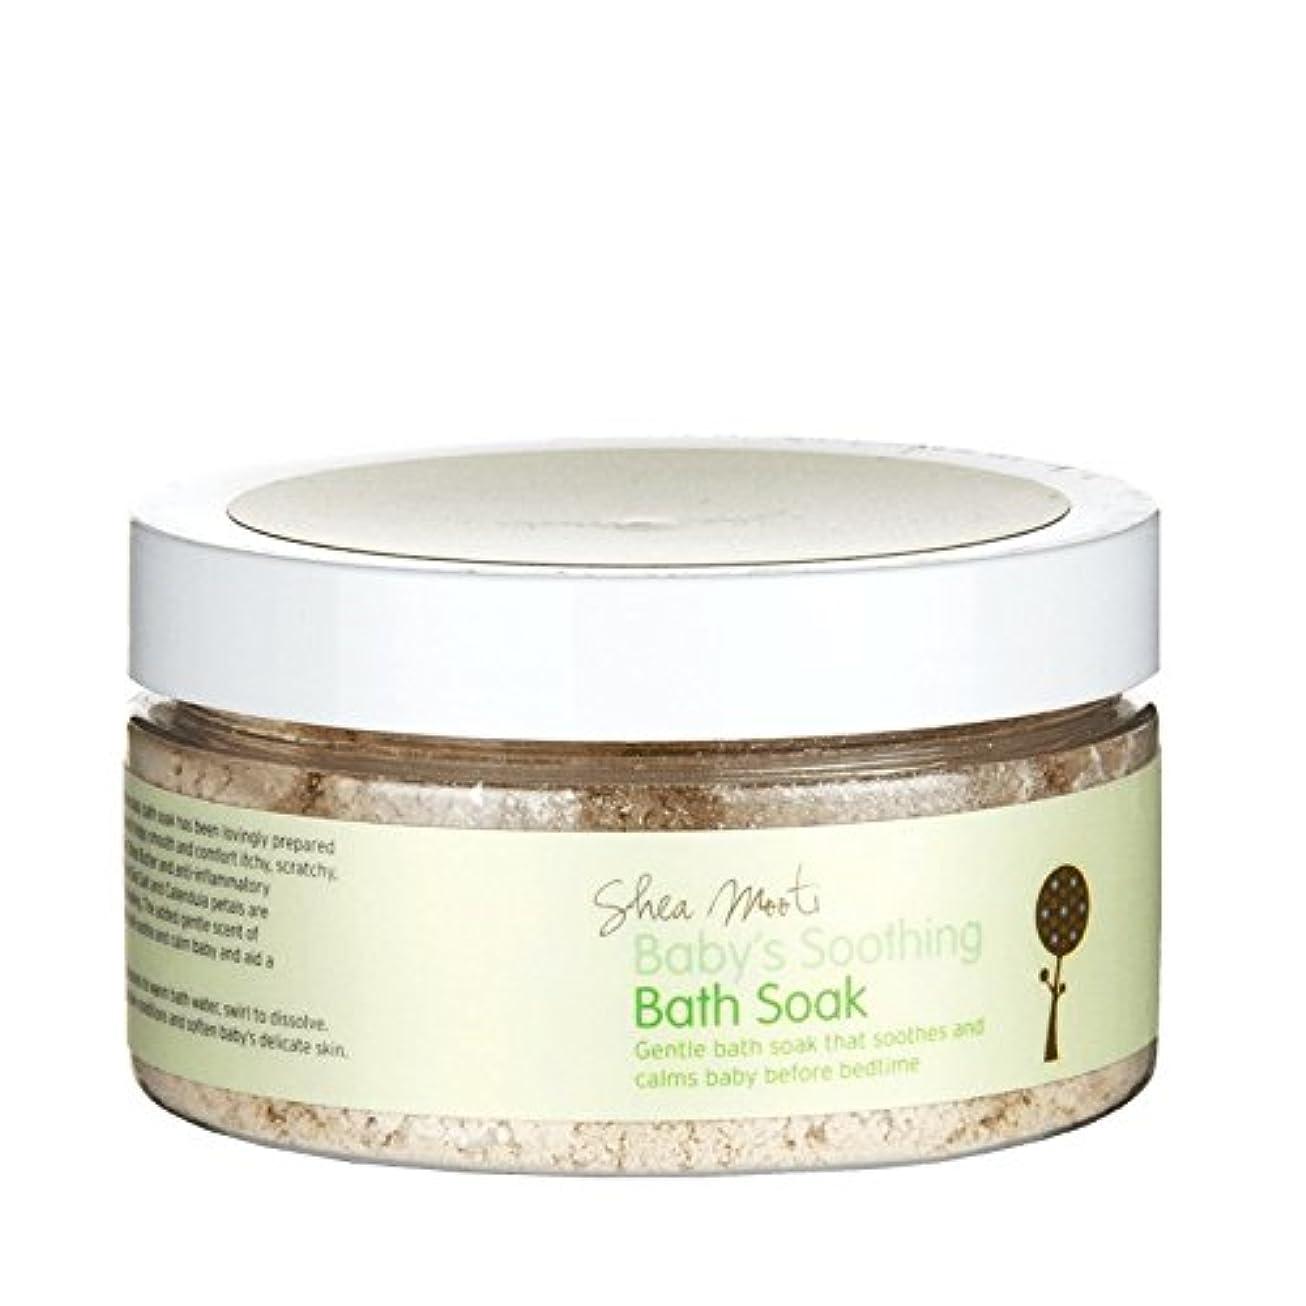 恵み人種規範Shea Mooti Baby's Soothing Bath Soak 130g (Pack of 6) - シアバターMooti赤ちゃんの癒しのお風呂は、130グラムを浸し (x6) [並行輸入品]